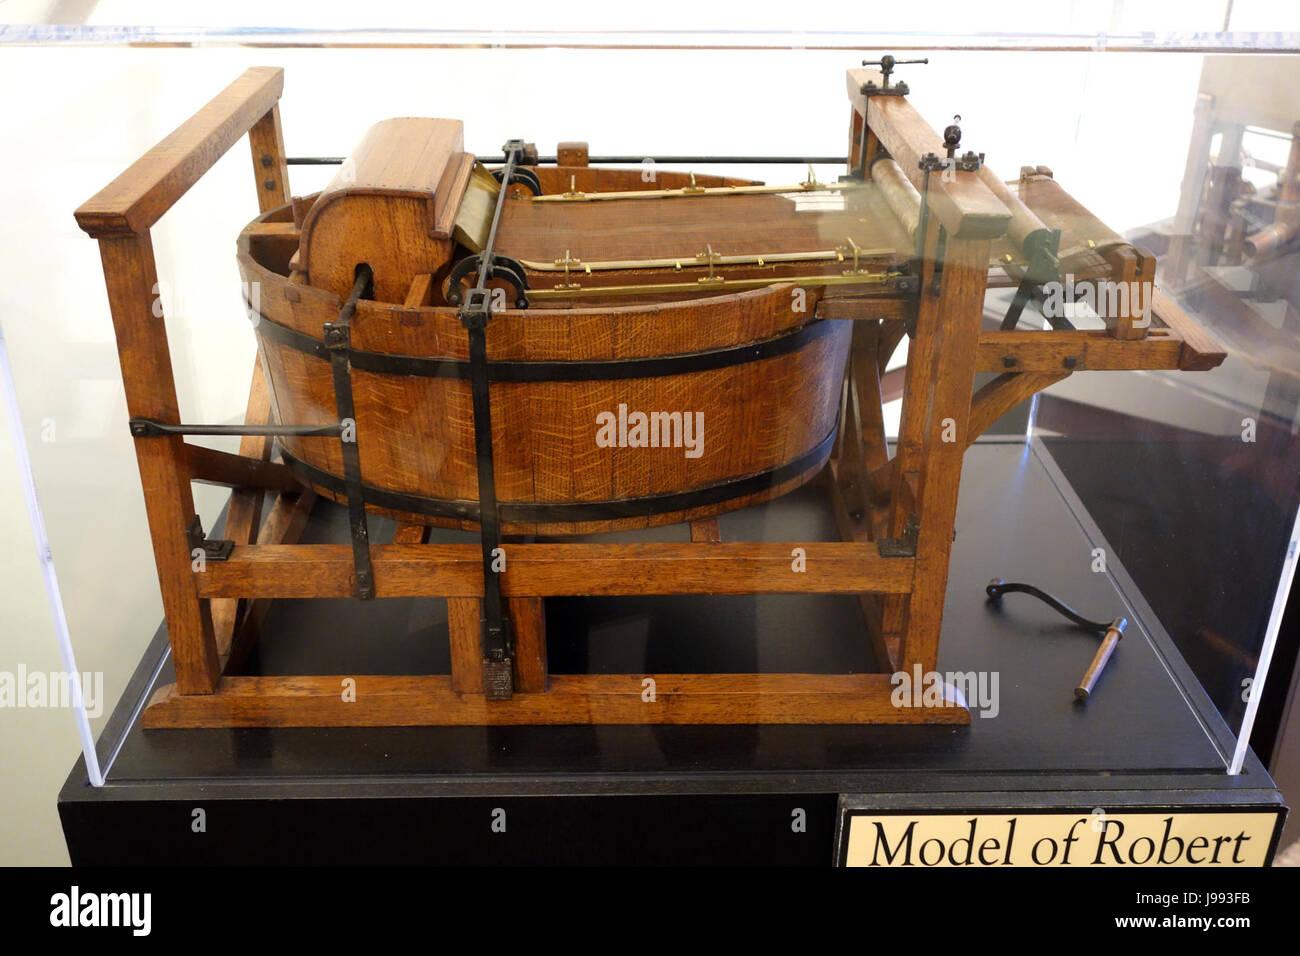 robert machine